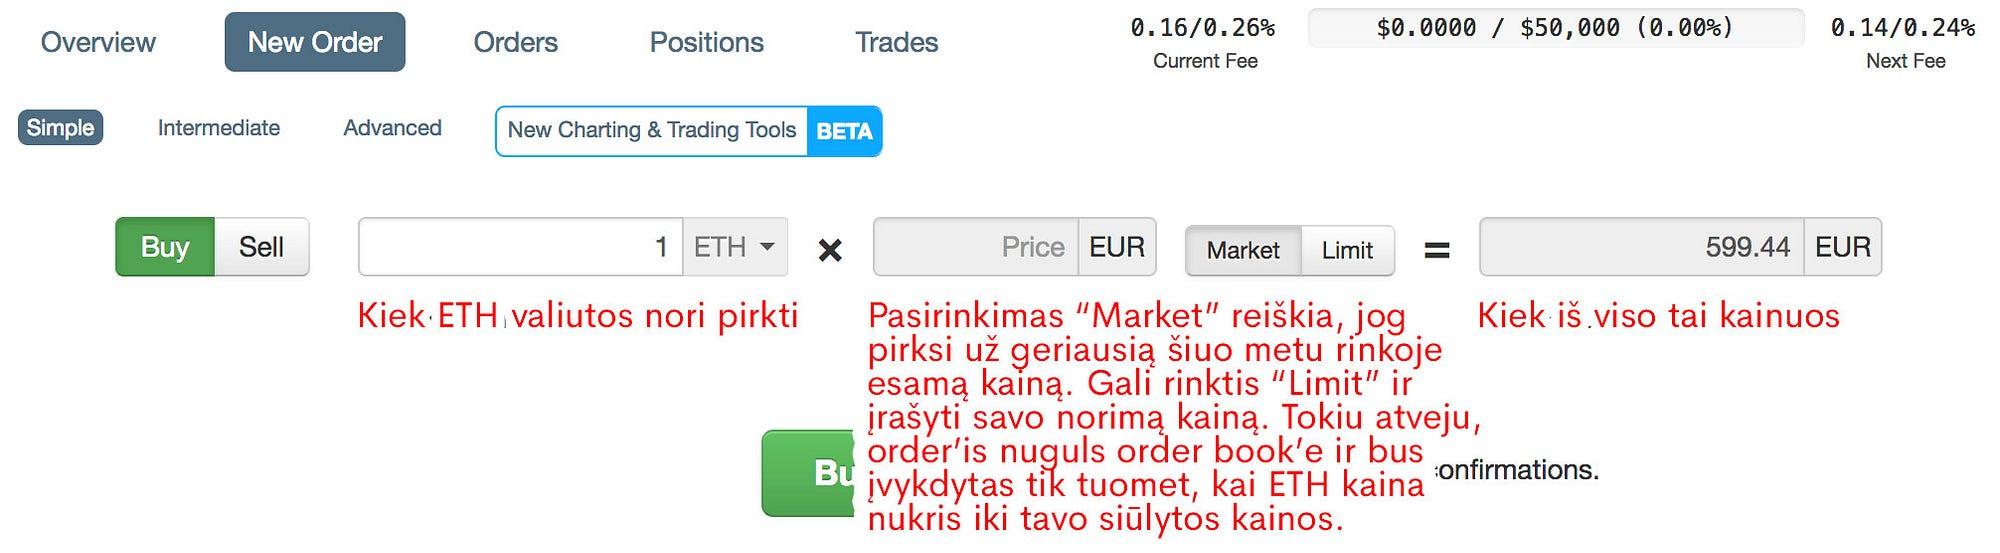 kokias akcijas investuoja bitkoin